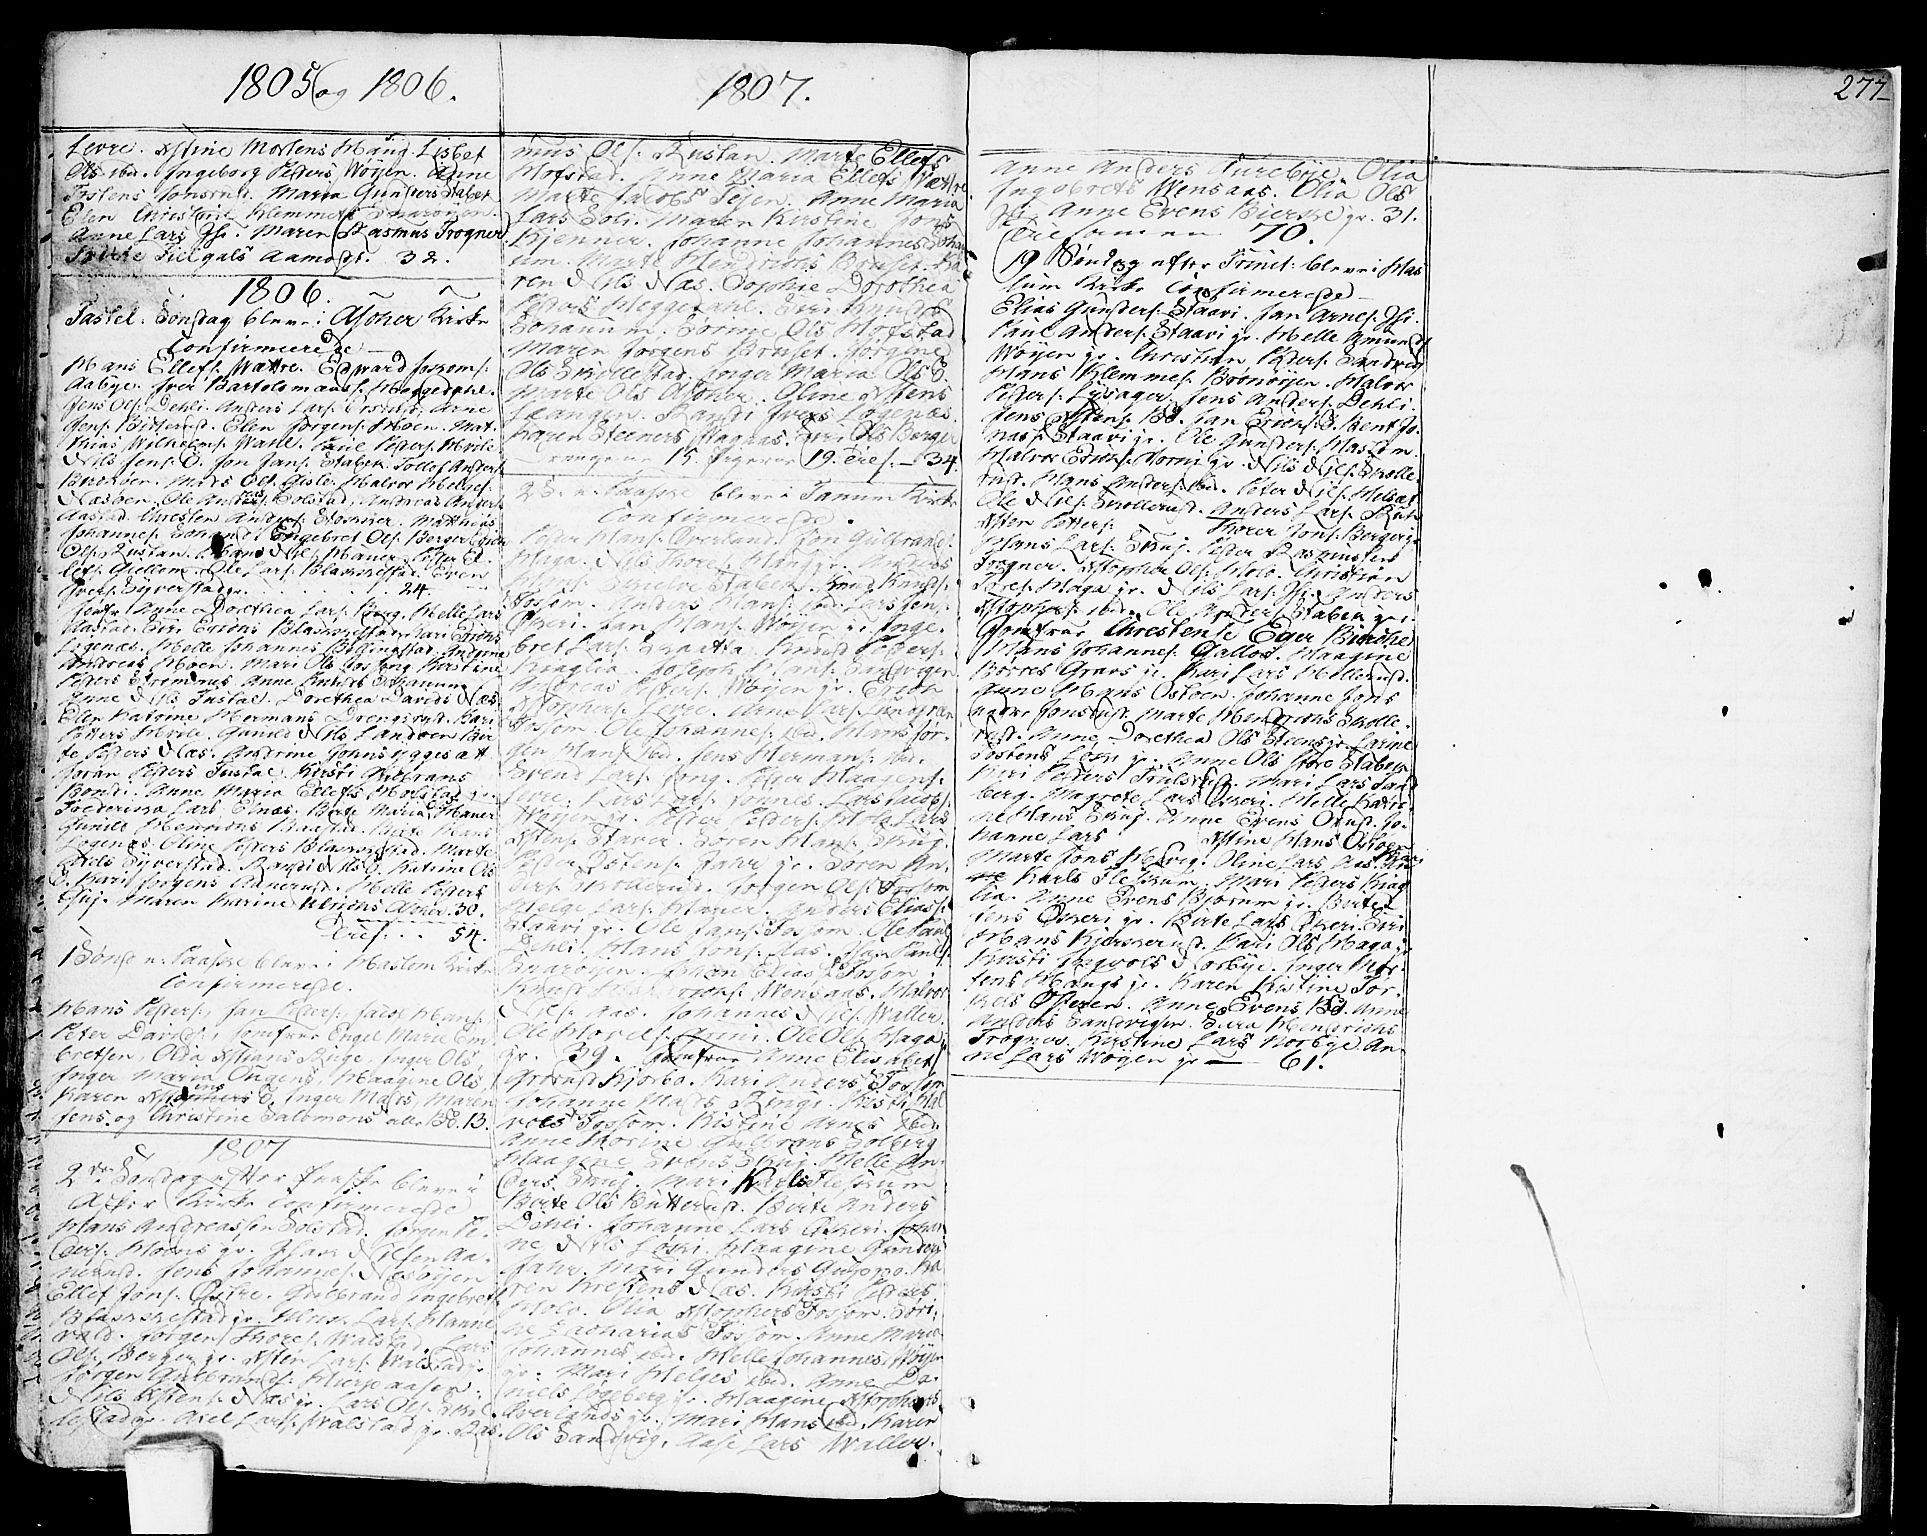 SAO, Asker prestekontor Kirkebøker, F/Fa/L0003: Ministerialbok nr. I 3, 1767-1807, s. 277